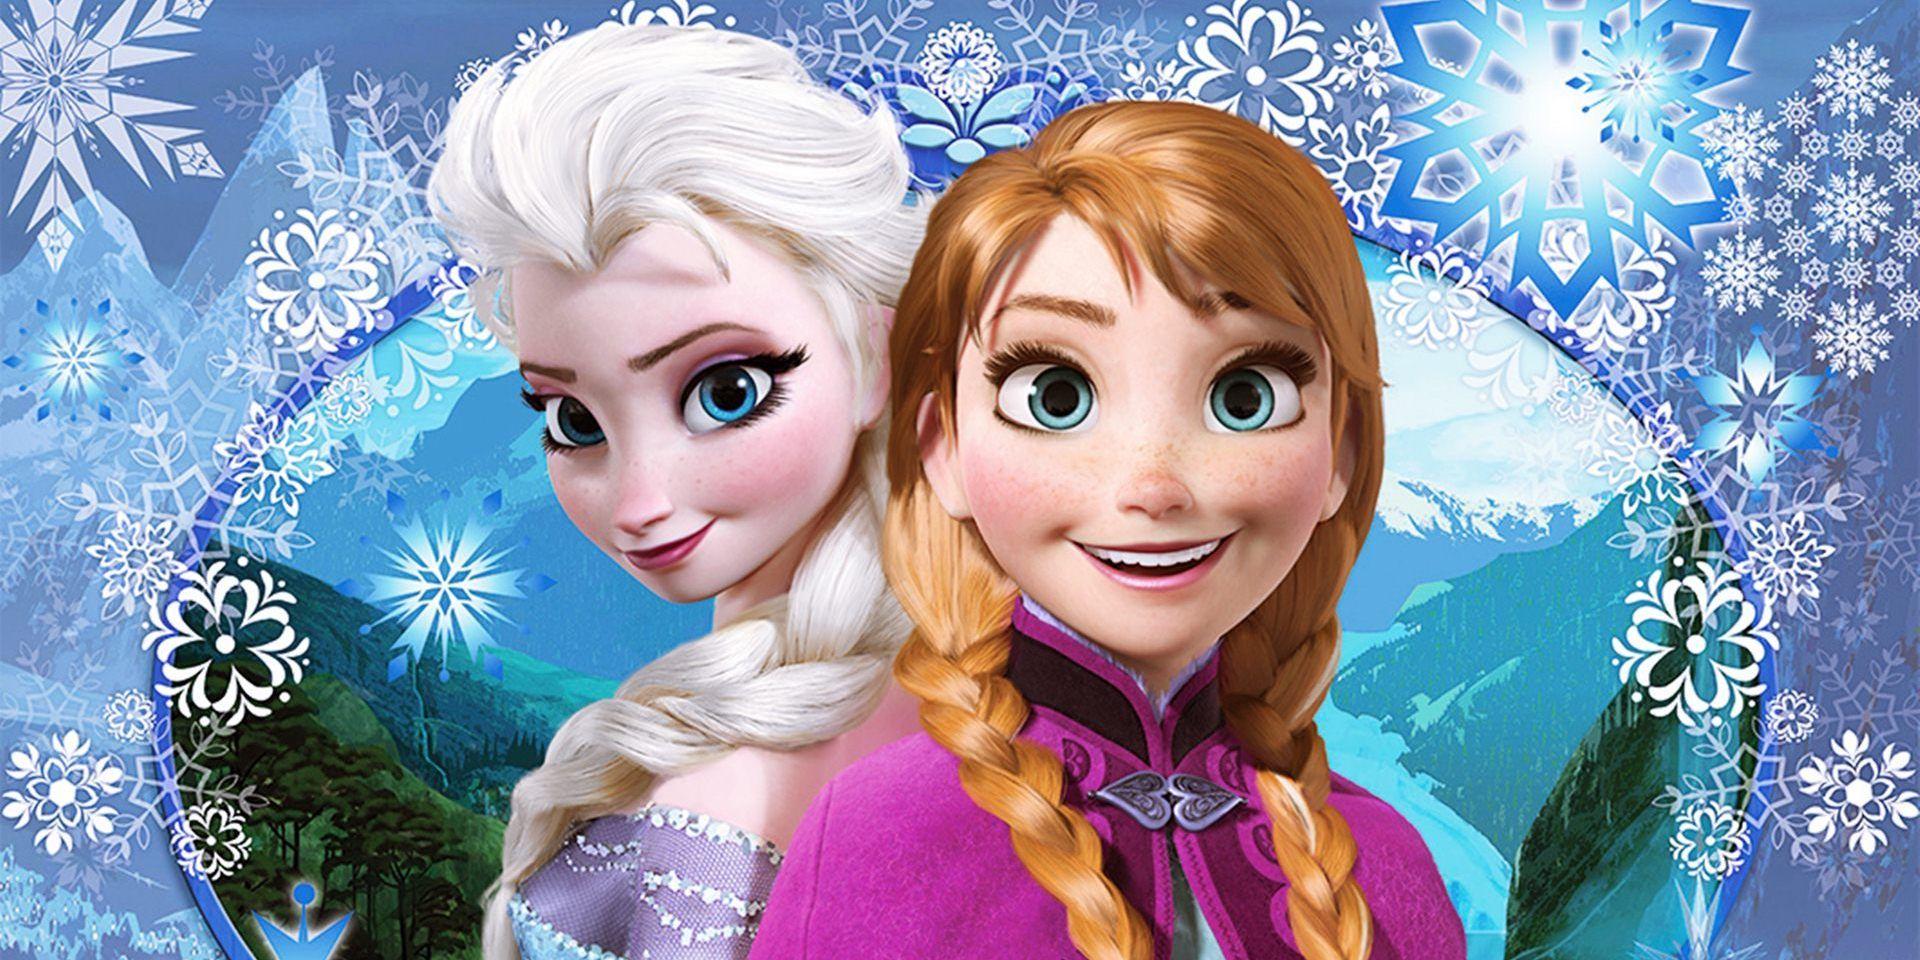 Ana Und Elsa